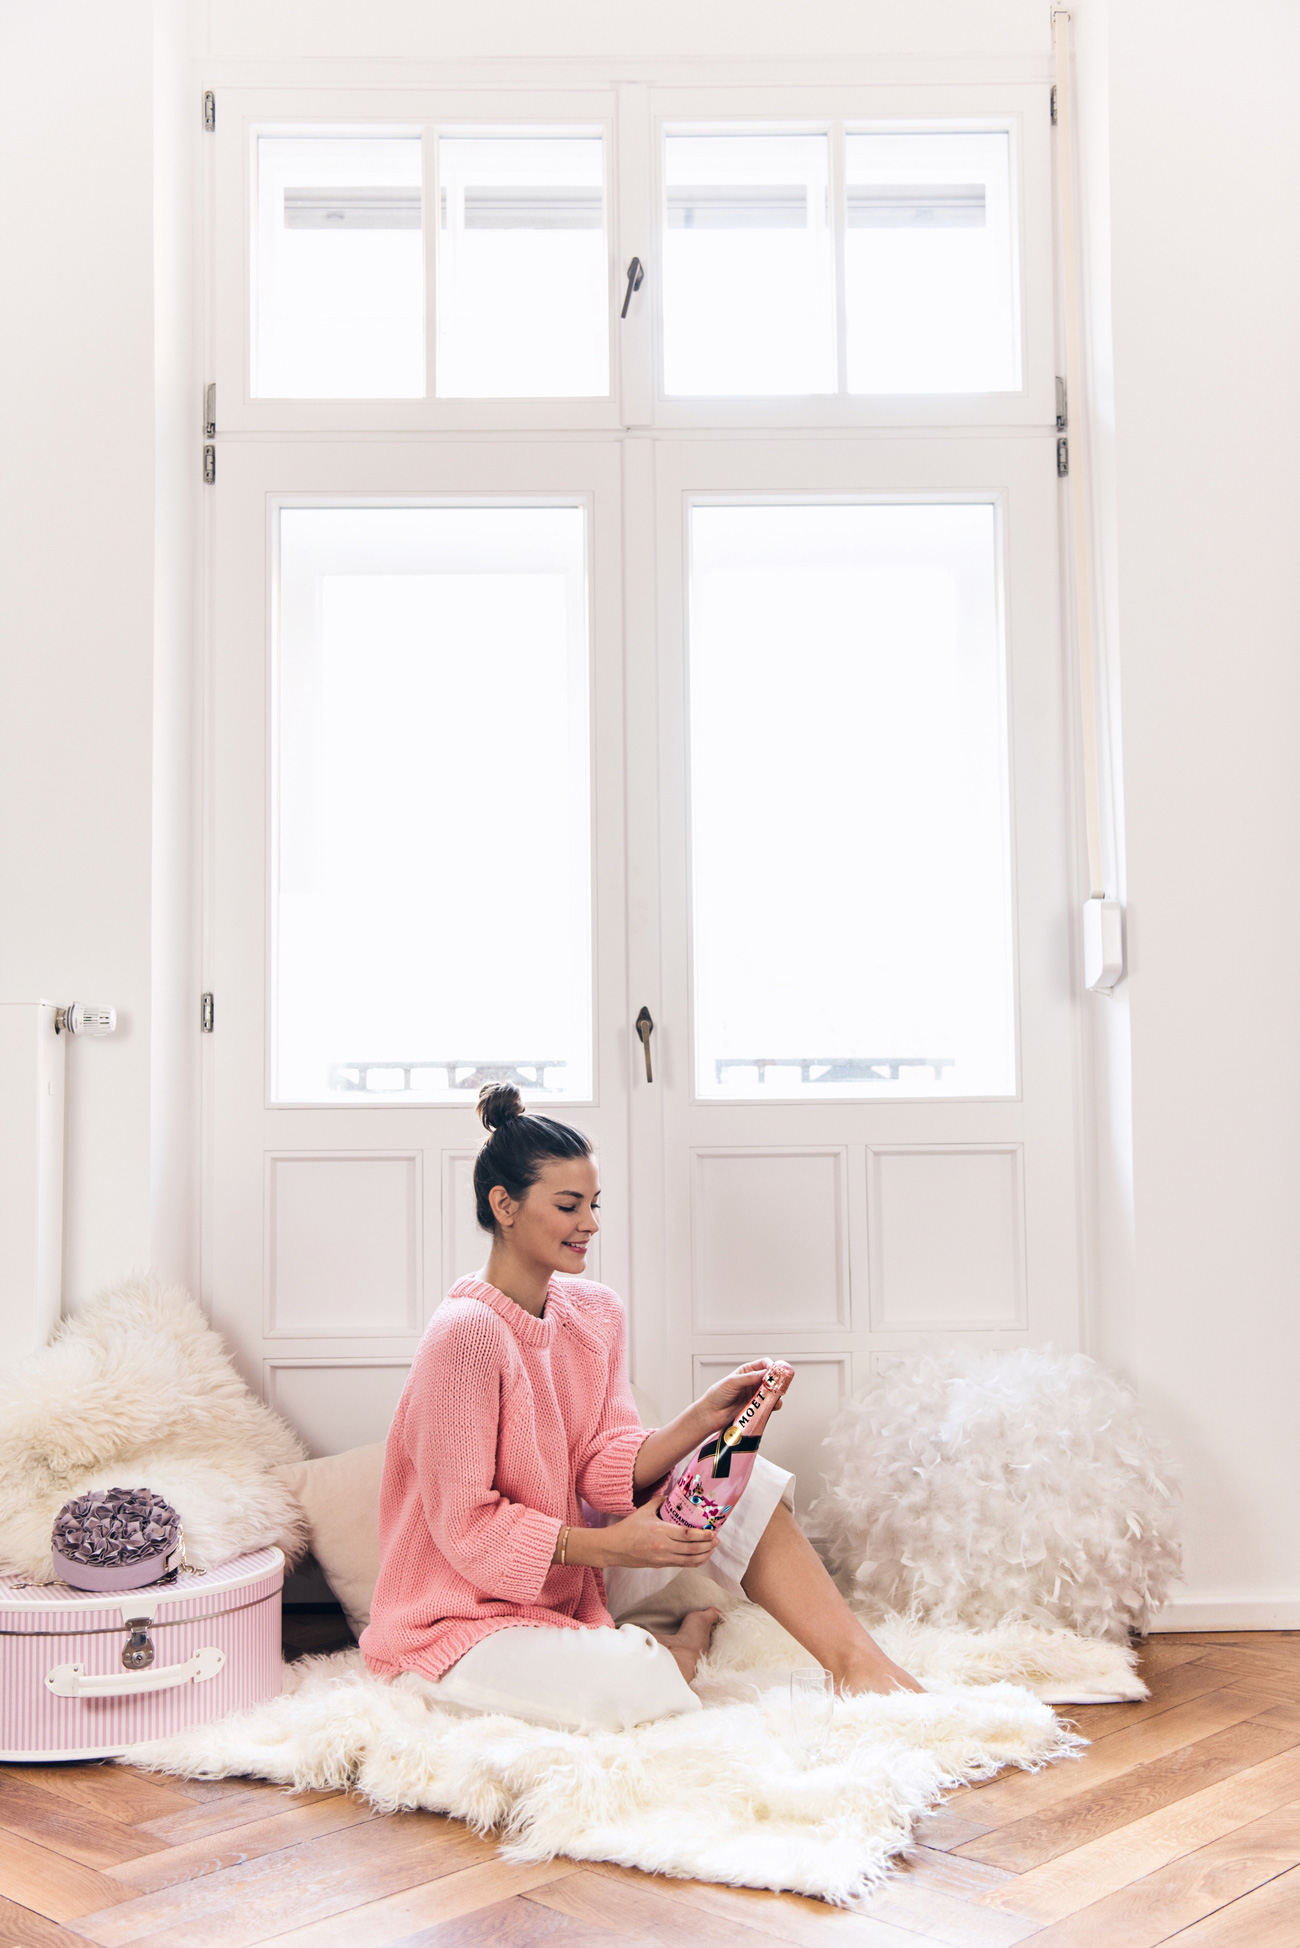 nina-schwichtenberg-fashiioncarpet-vollzeit-blogger-deutschland-münchen-fashion-influencer-germany